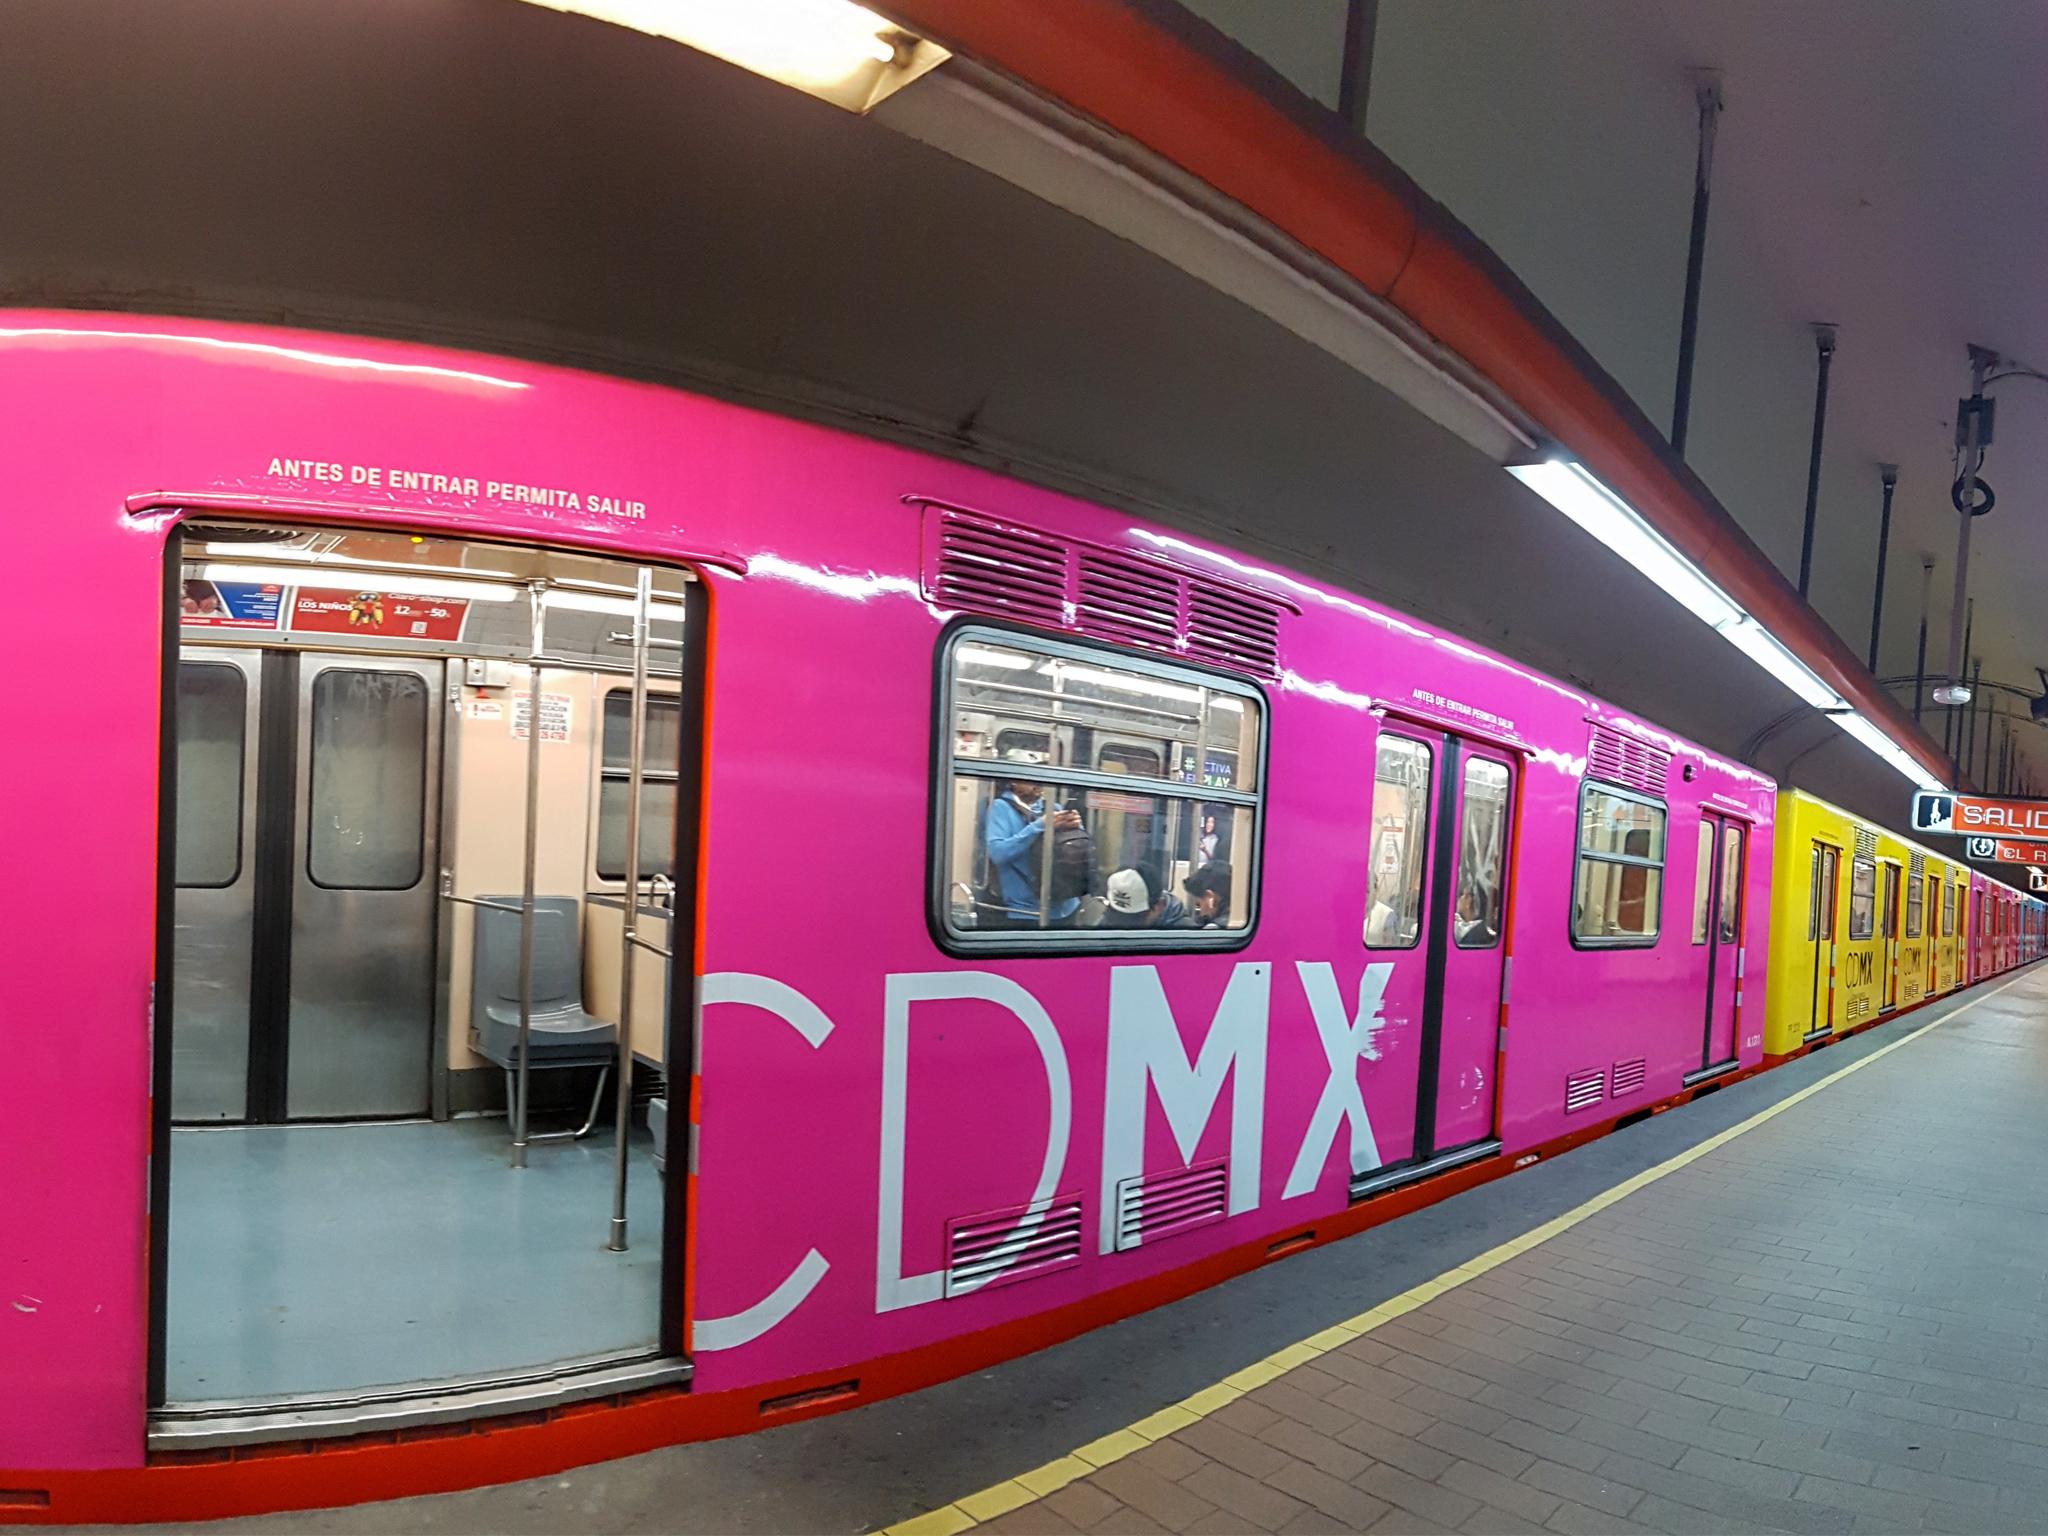 Sanitización del transporte público en la CDMX